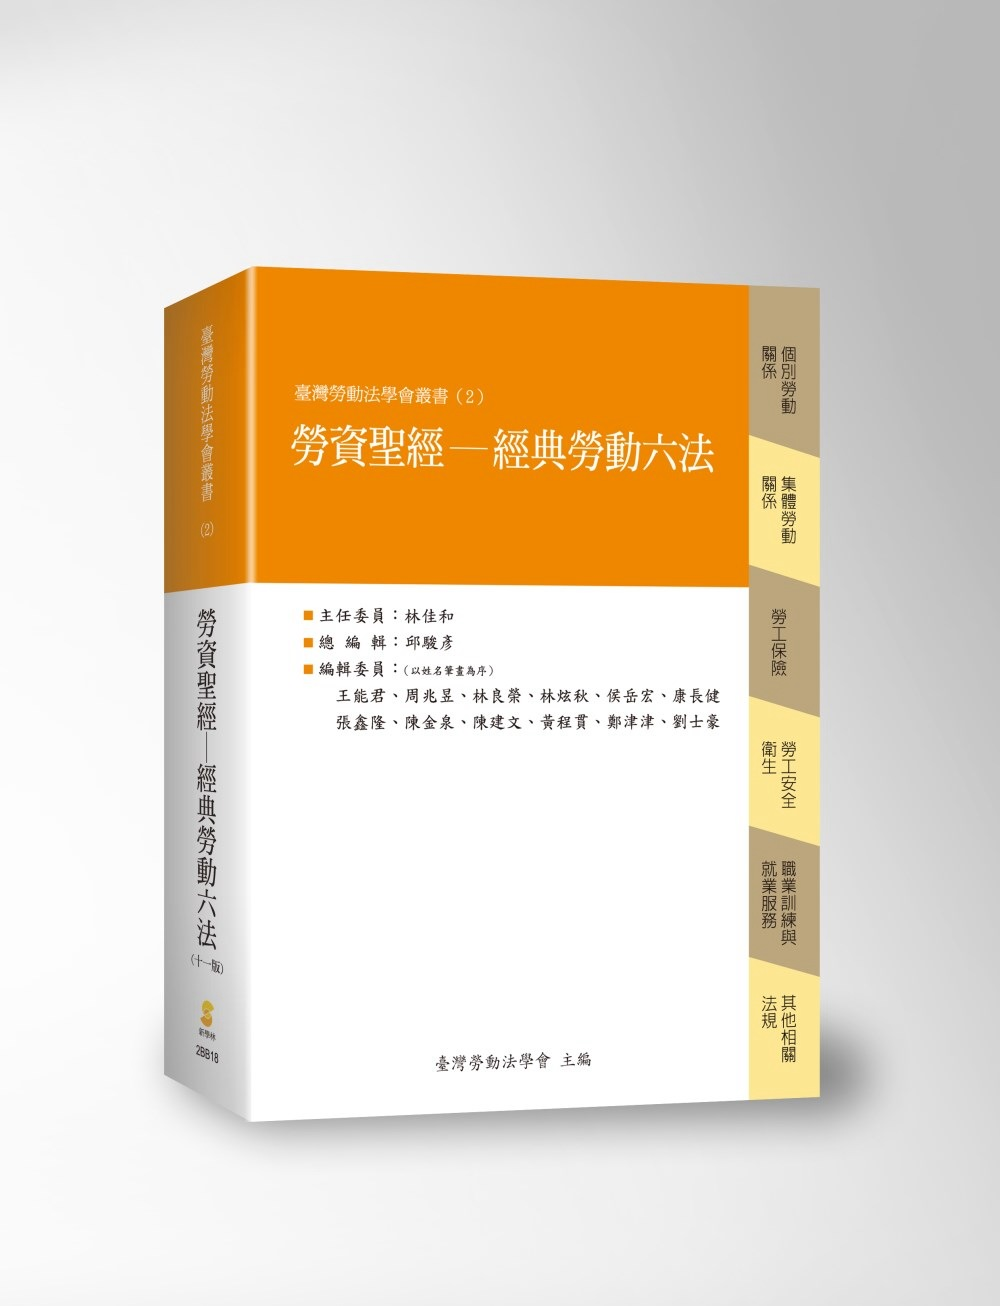 勞資聖經:經典勞動六法(11版)